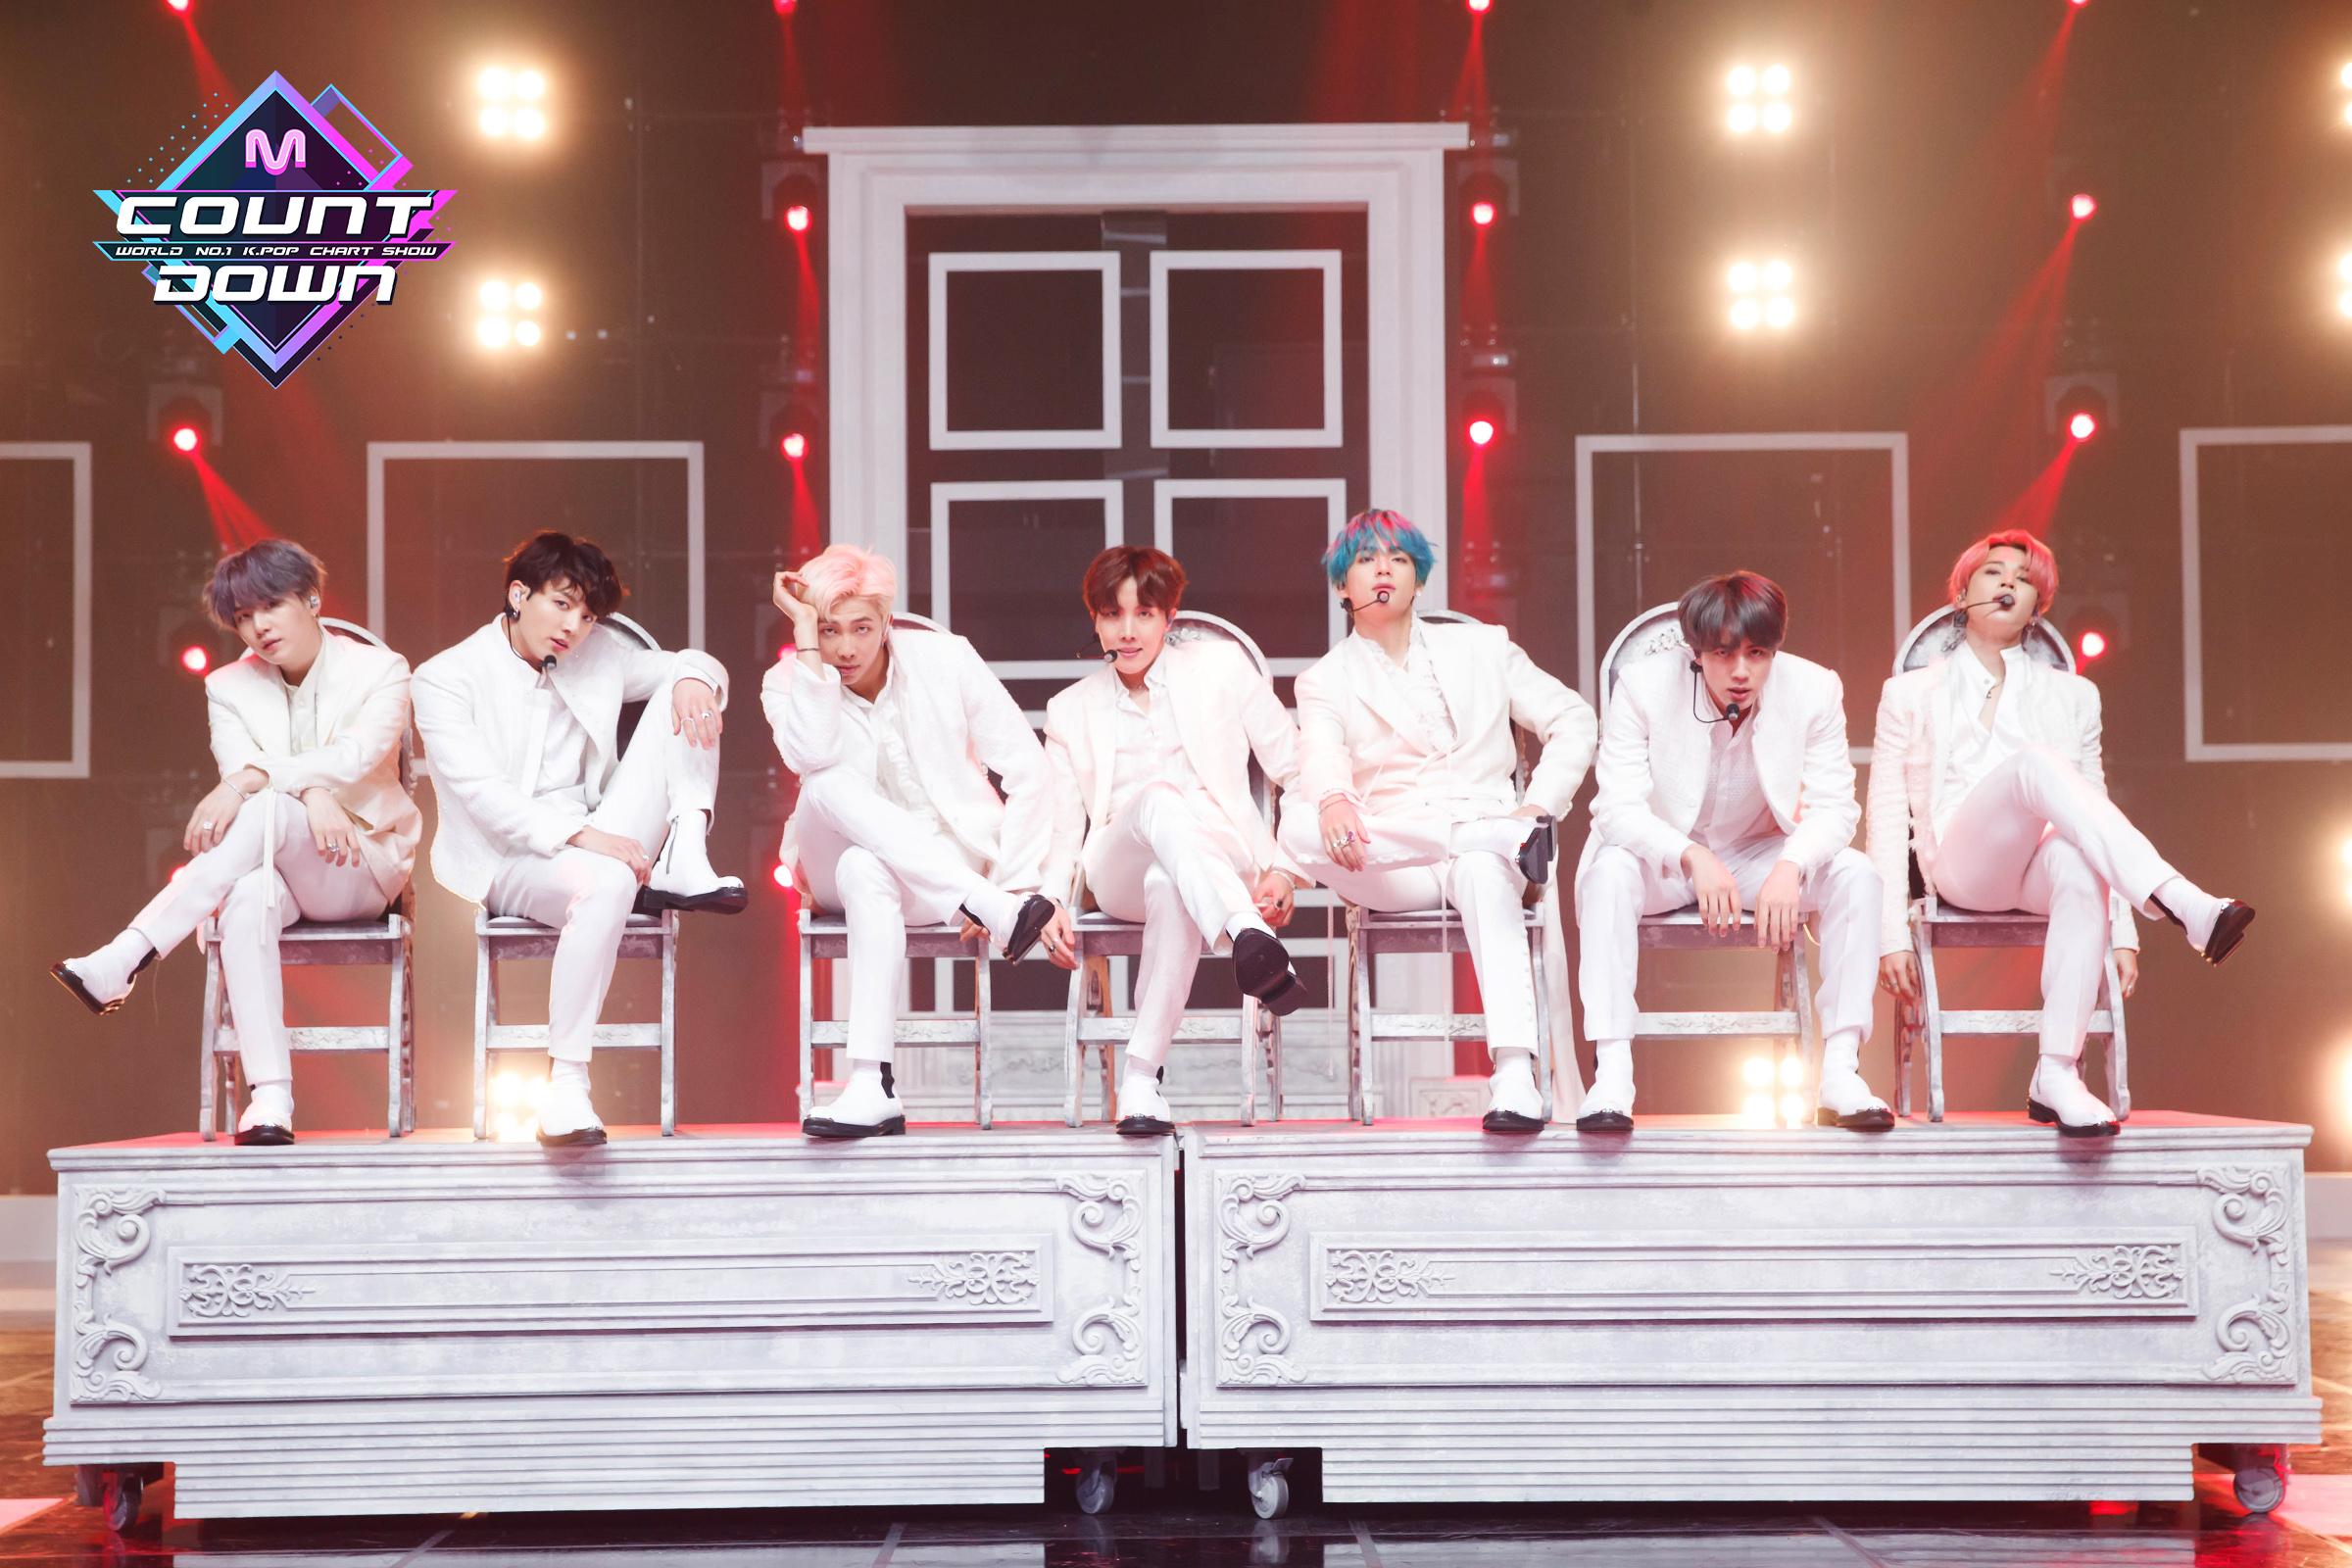 アジア最大級のK-POPチャートショー「M COUNTDOWN」10月よりスカパー!オンデマンドで販売開始